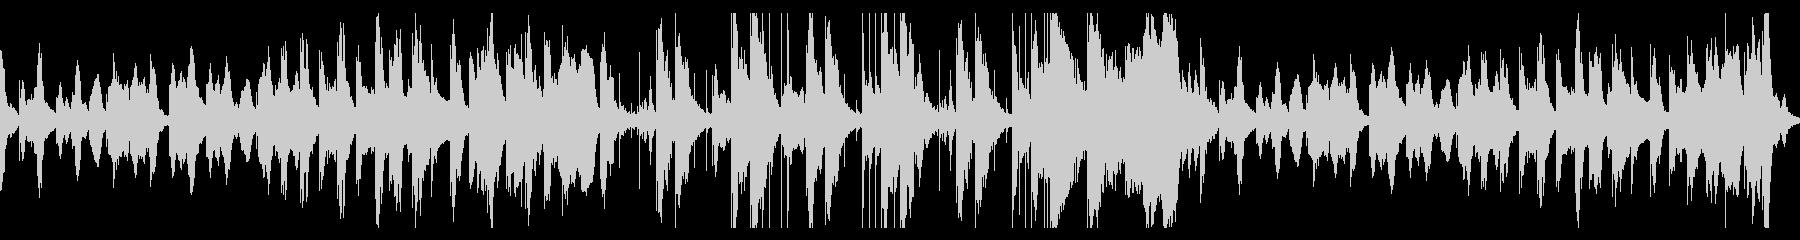 笛・木琴のほのぼの可愛いコミカルループ曲の未再生の波形